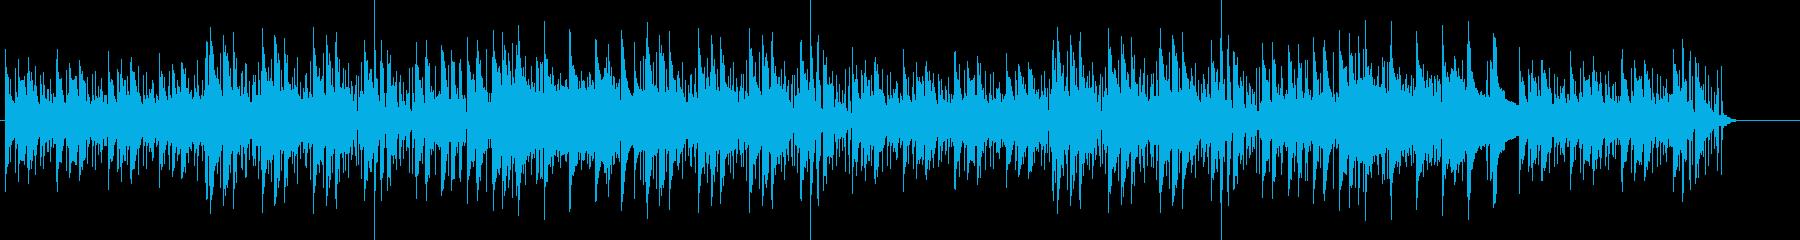 レトロなリラックスミュージックの再生済みの波形